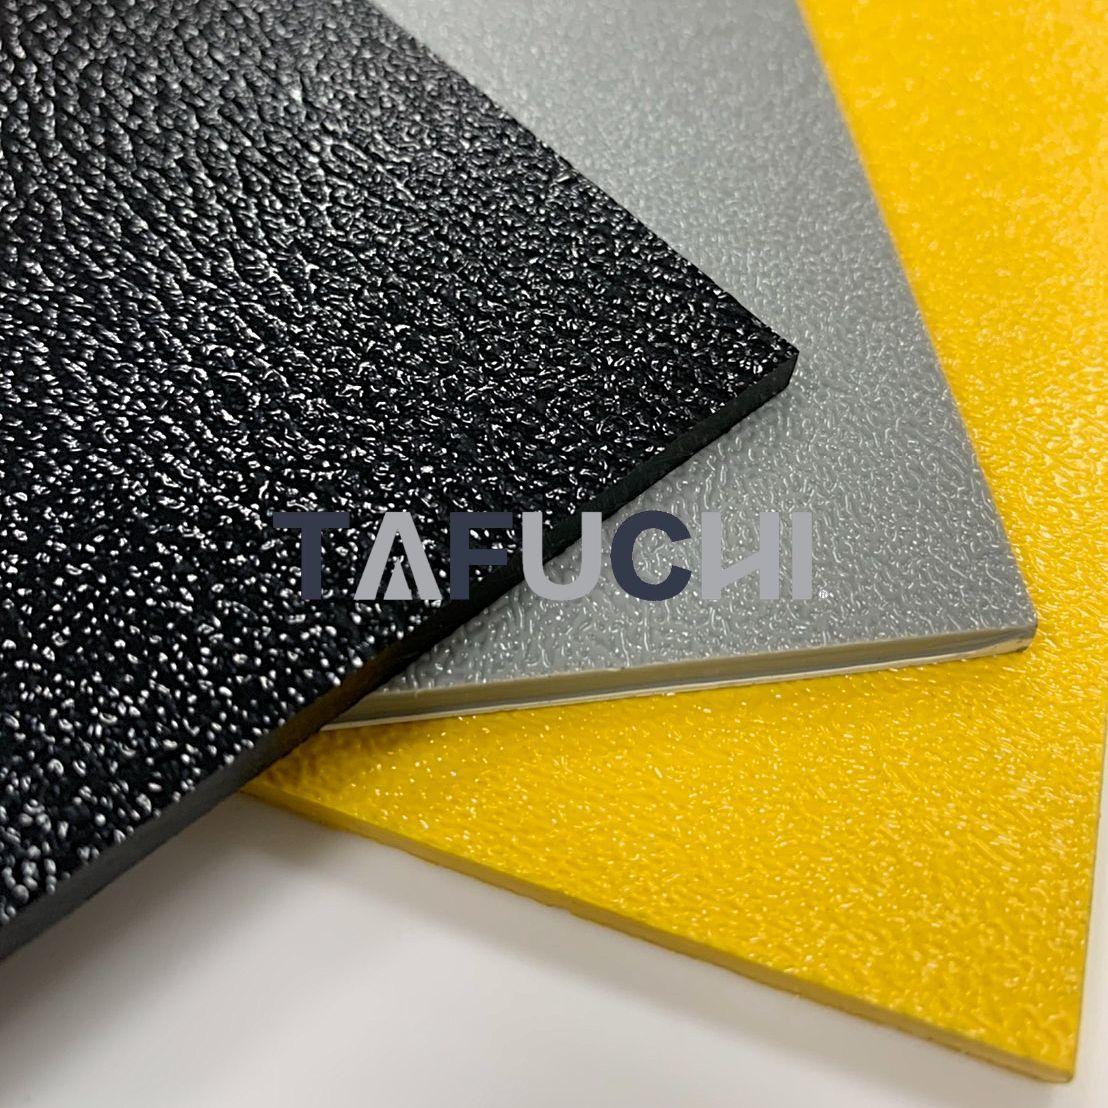 Folha de plástico texturizada ABS - Podemos fornecer tamanhos personalizados de folhas de ABS.